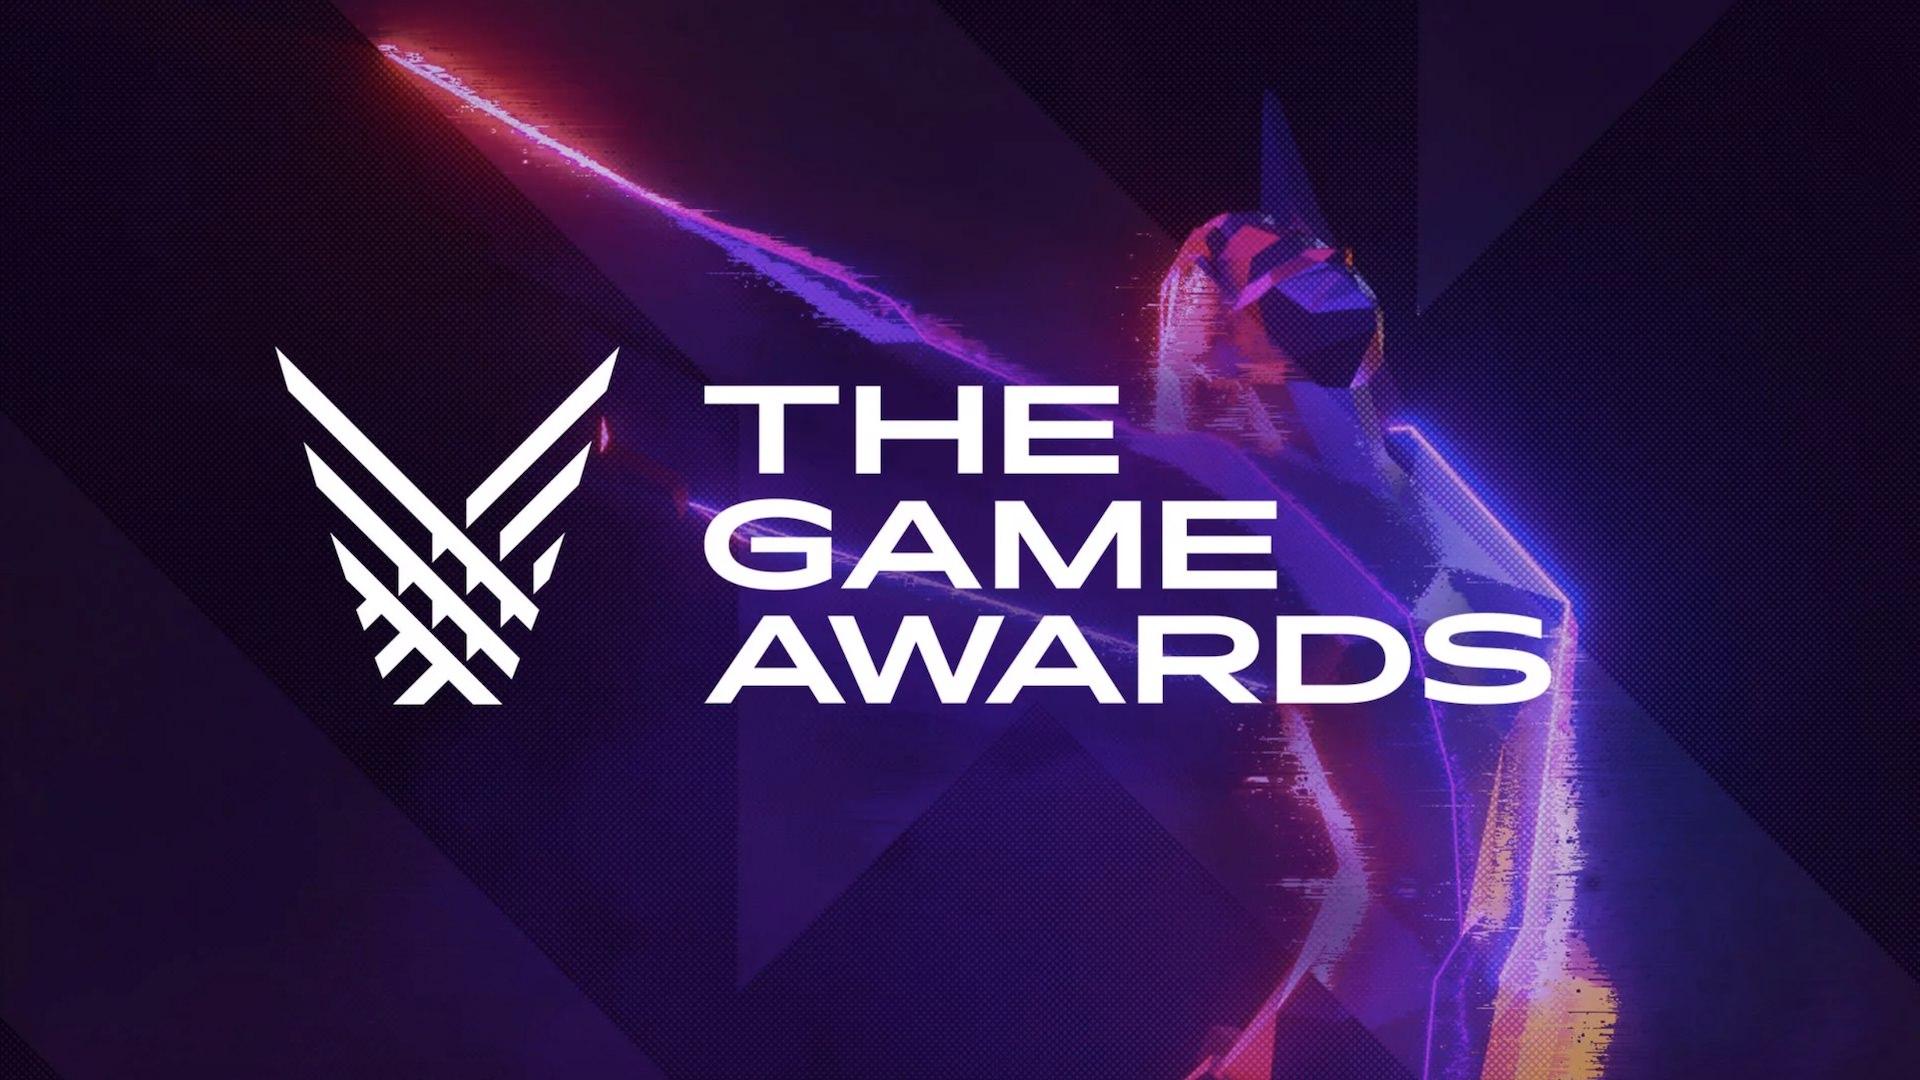 تعداد-بیننده-های-مراسم-The-Game-Awards-2019